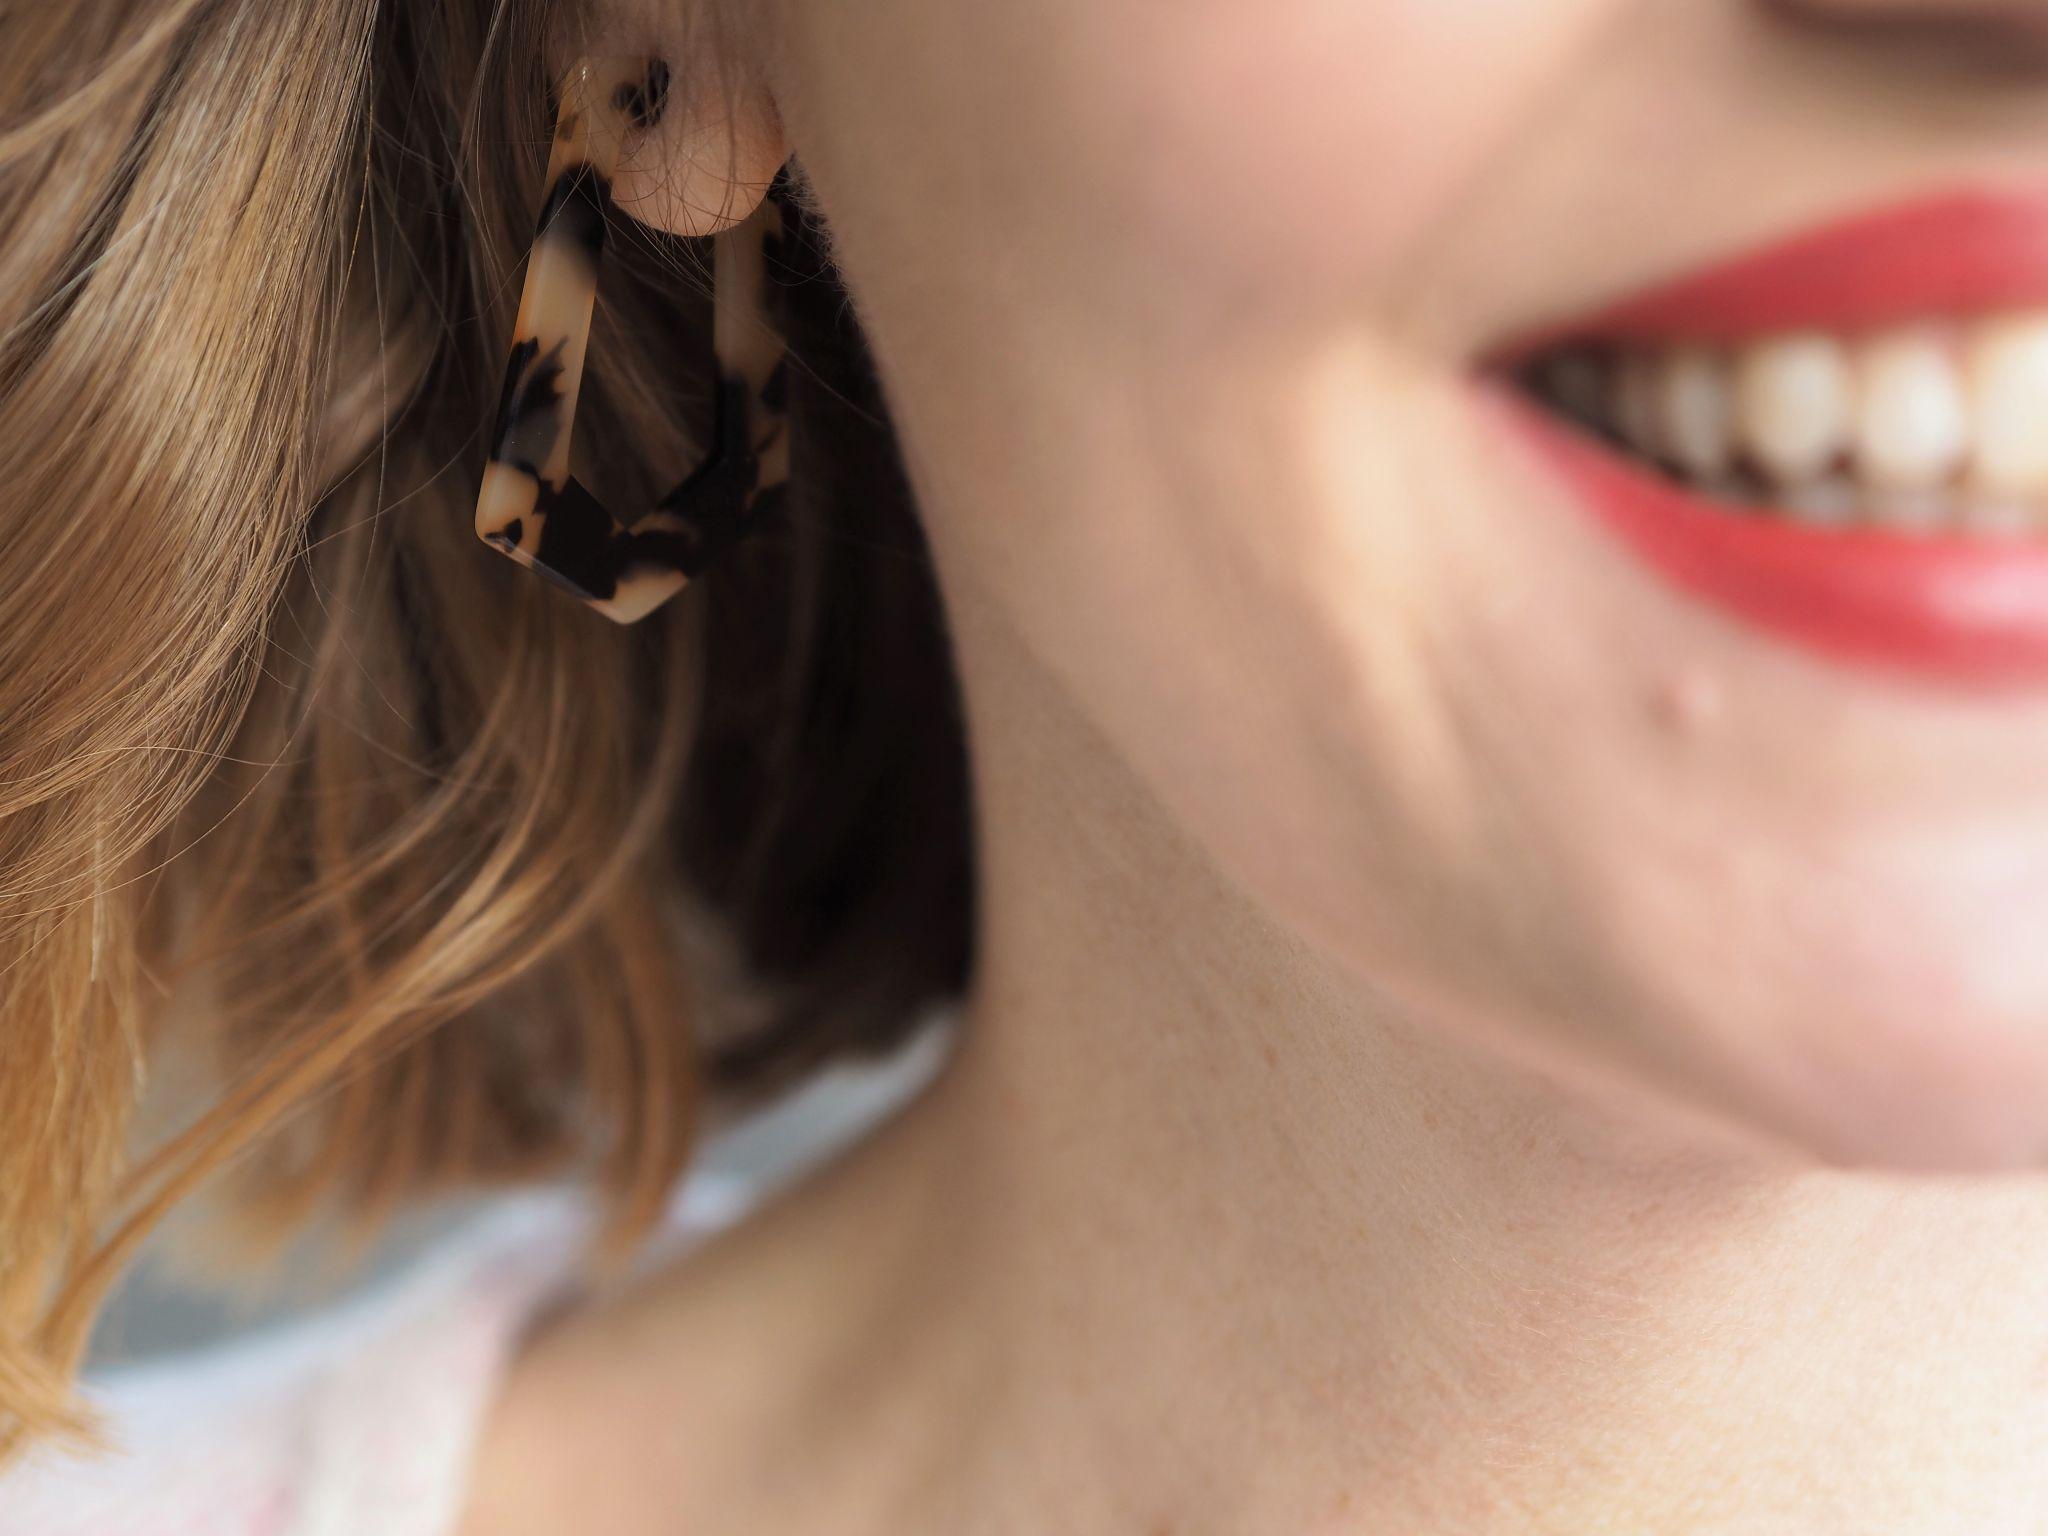 Tortoiseshell effect earrings